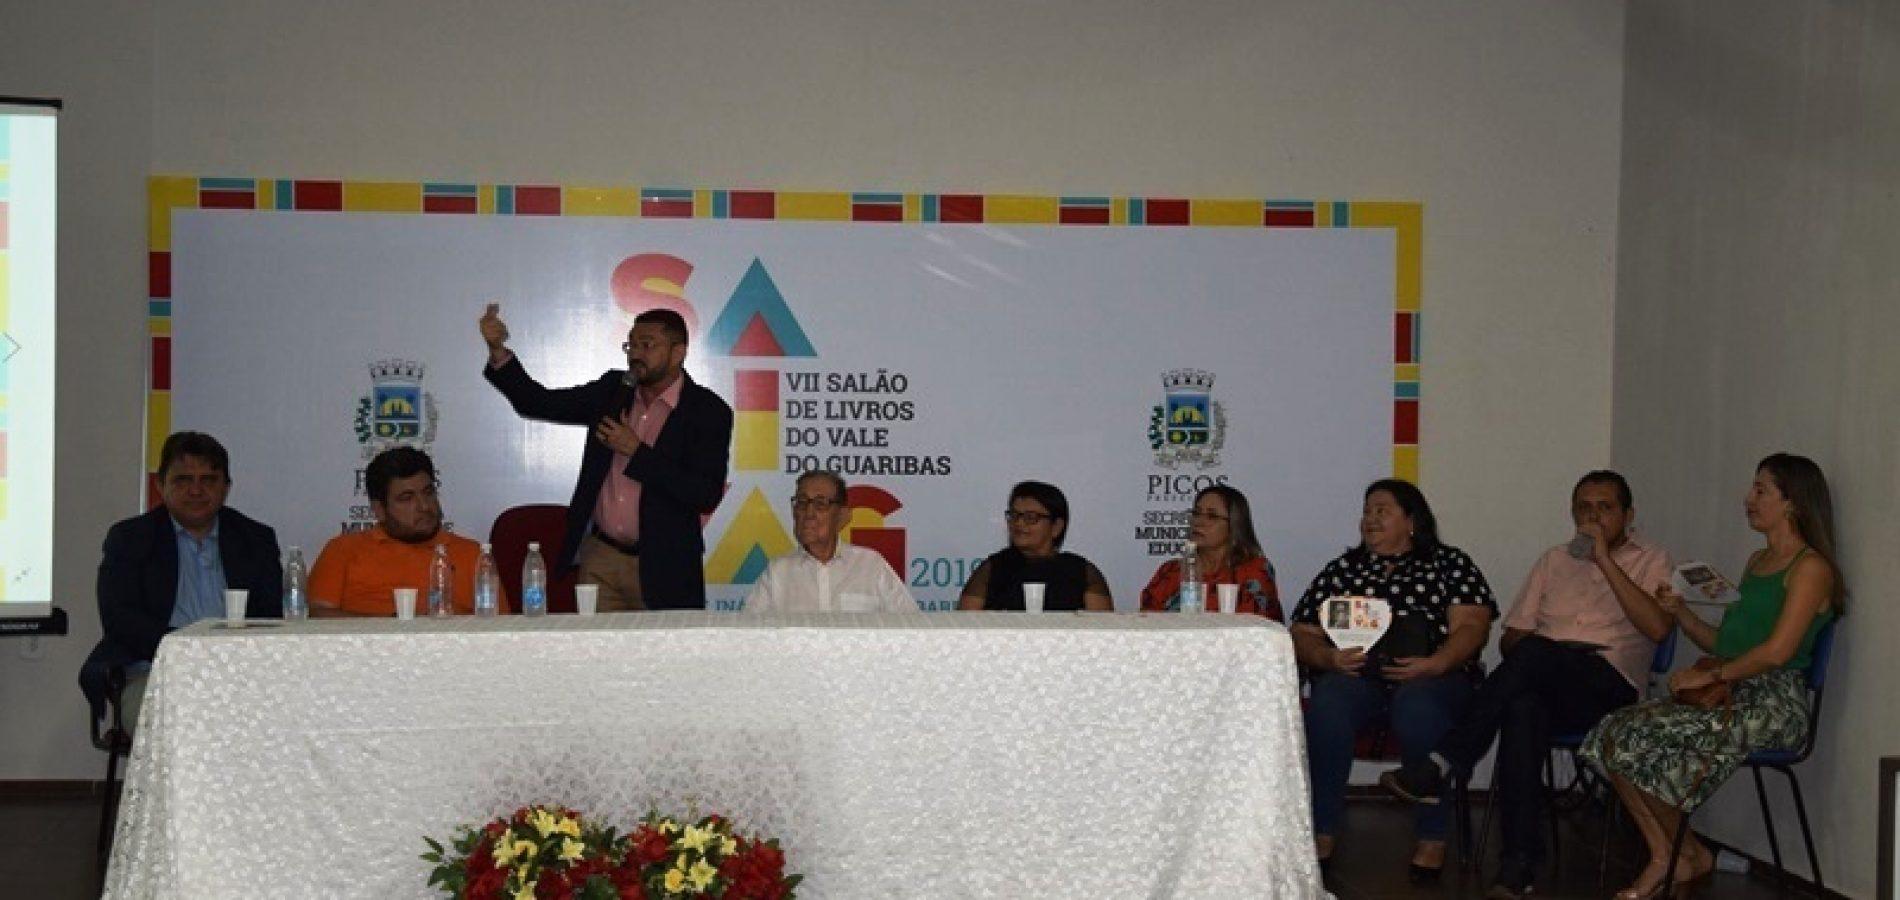 Jornalista Glória Maria e cantor Leoni são atrações do SaLiVaG 2019 em Picos